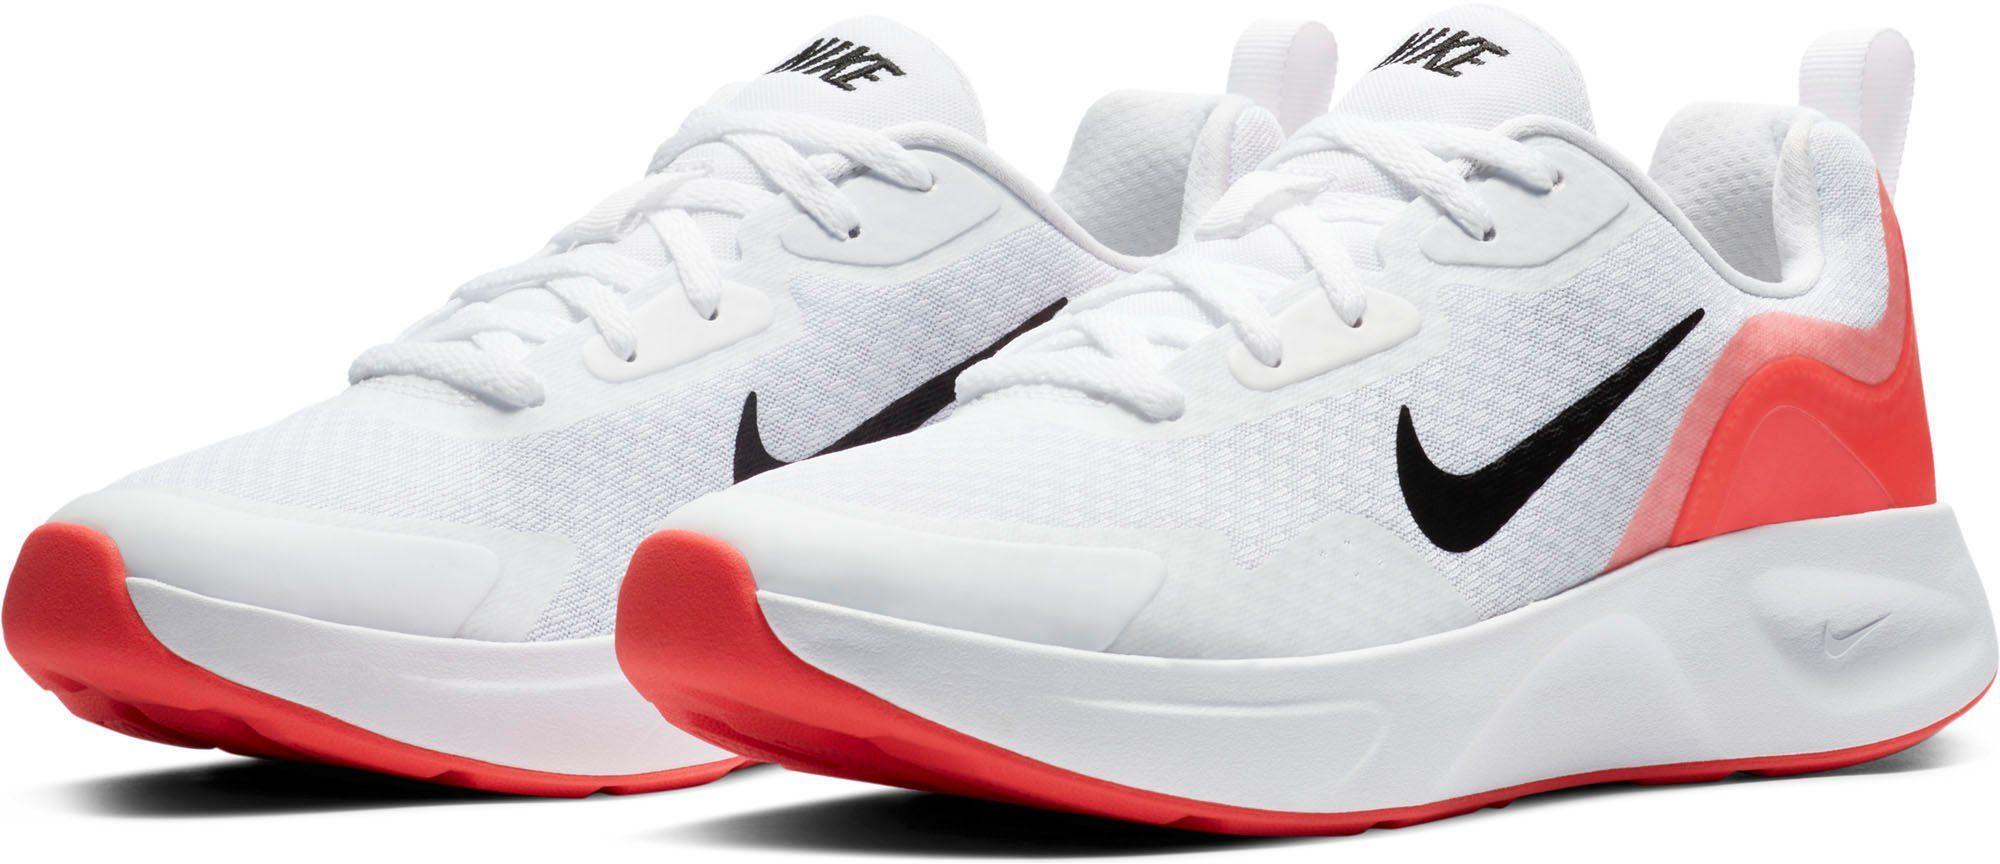 Nike Sportswear »Wmns Wearallday« Sneaker kaufen | OTTO